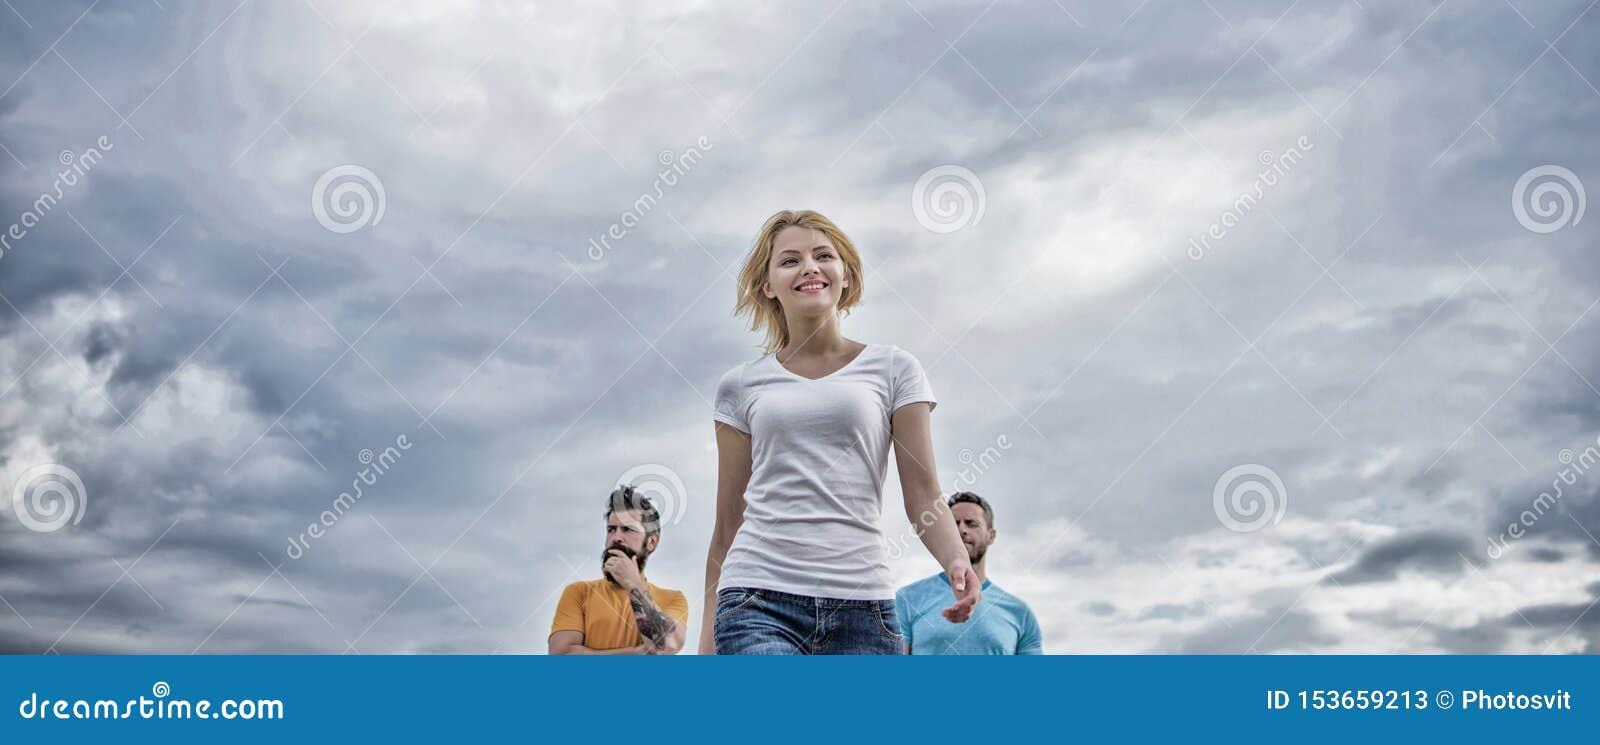 De vrouw voor mannen voelt zeker Bewegend voorwaarts steun mannelijk team Wat succesvolle vrouwelijke leider maakt Meisjesleider